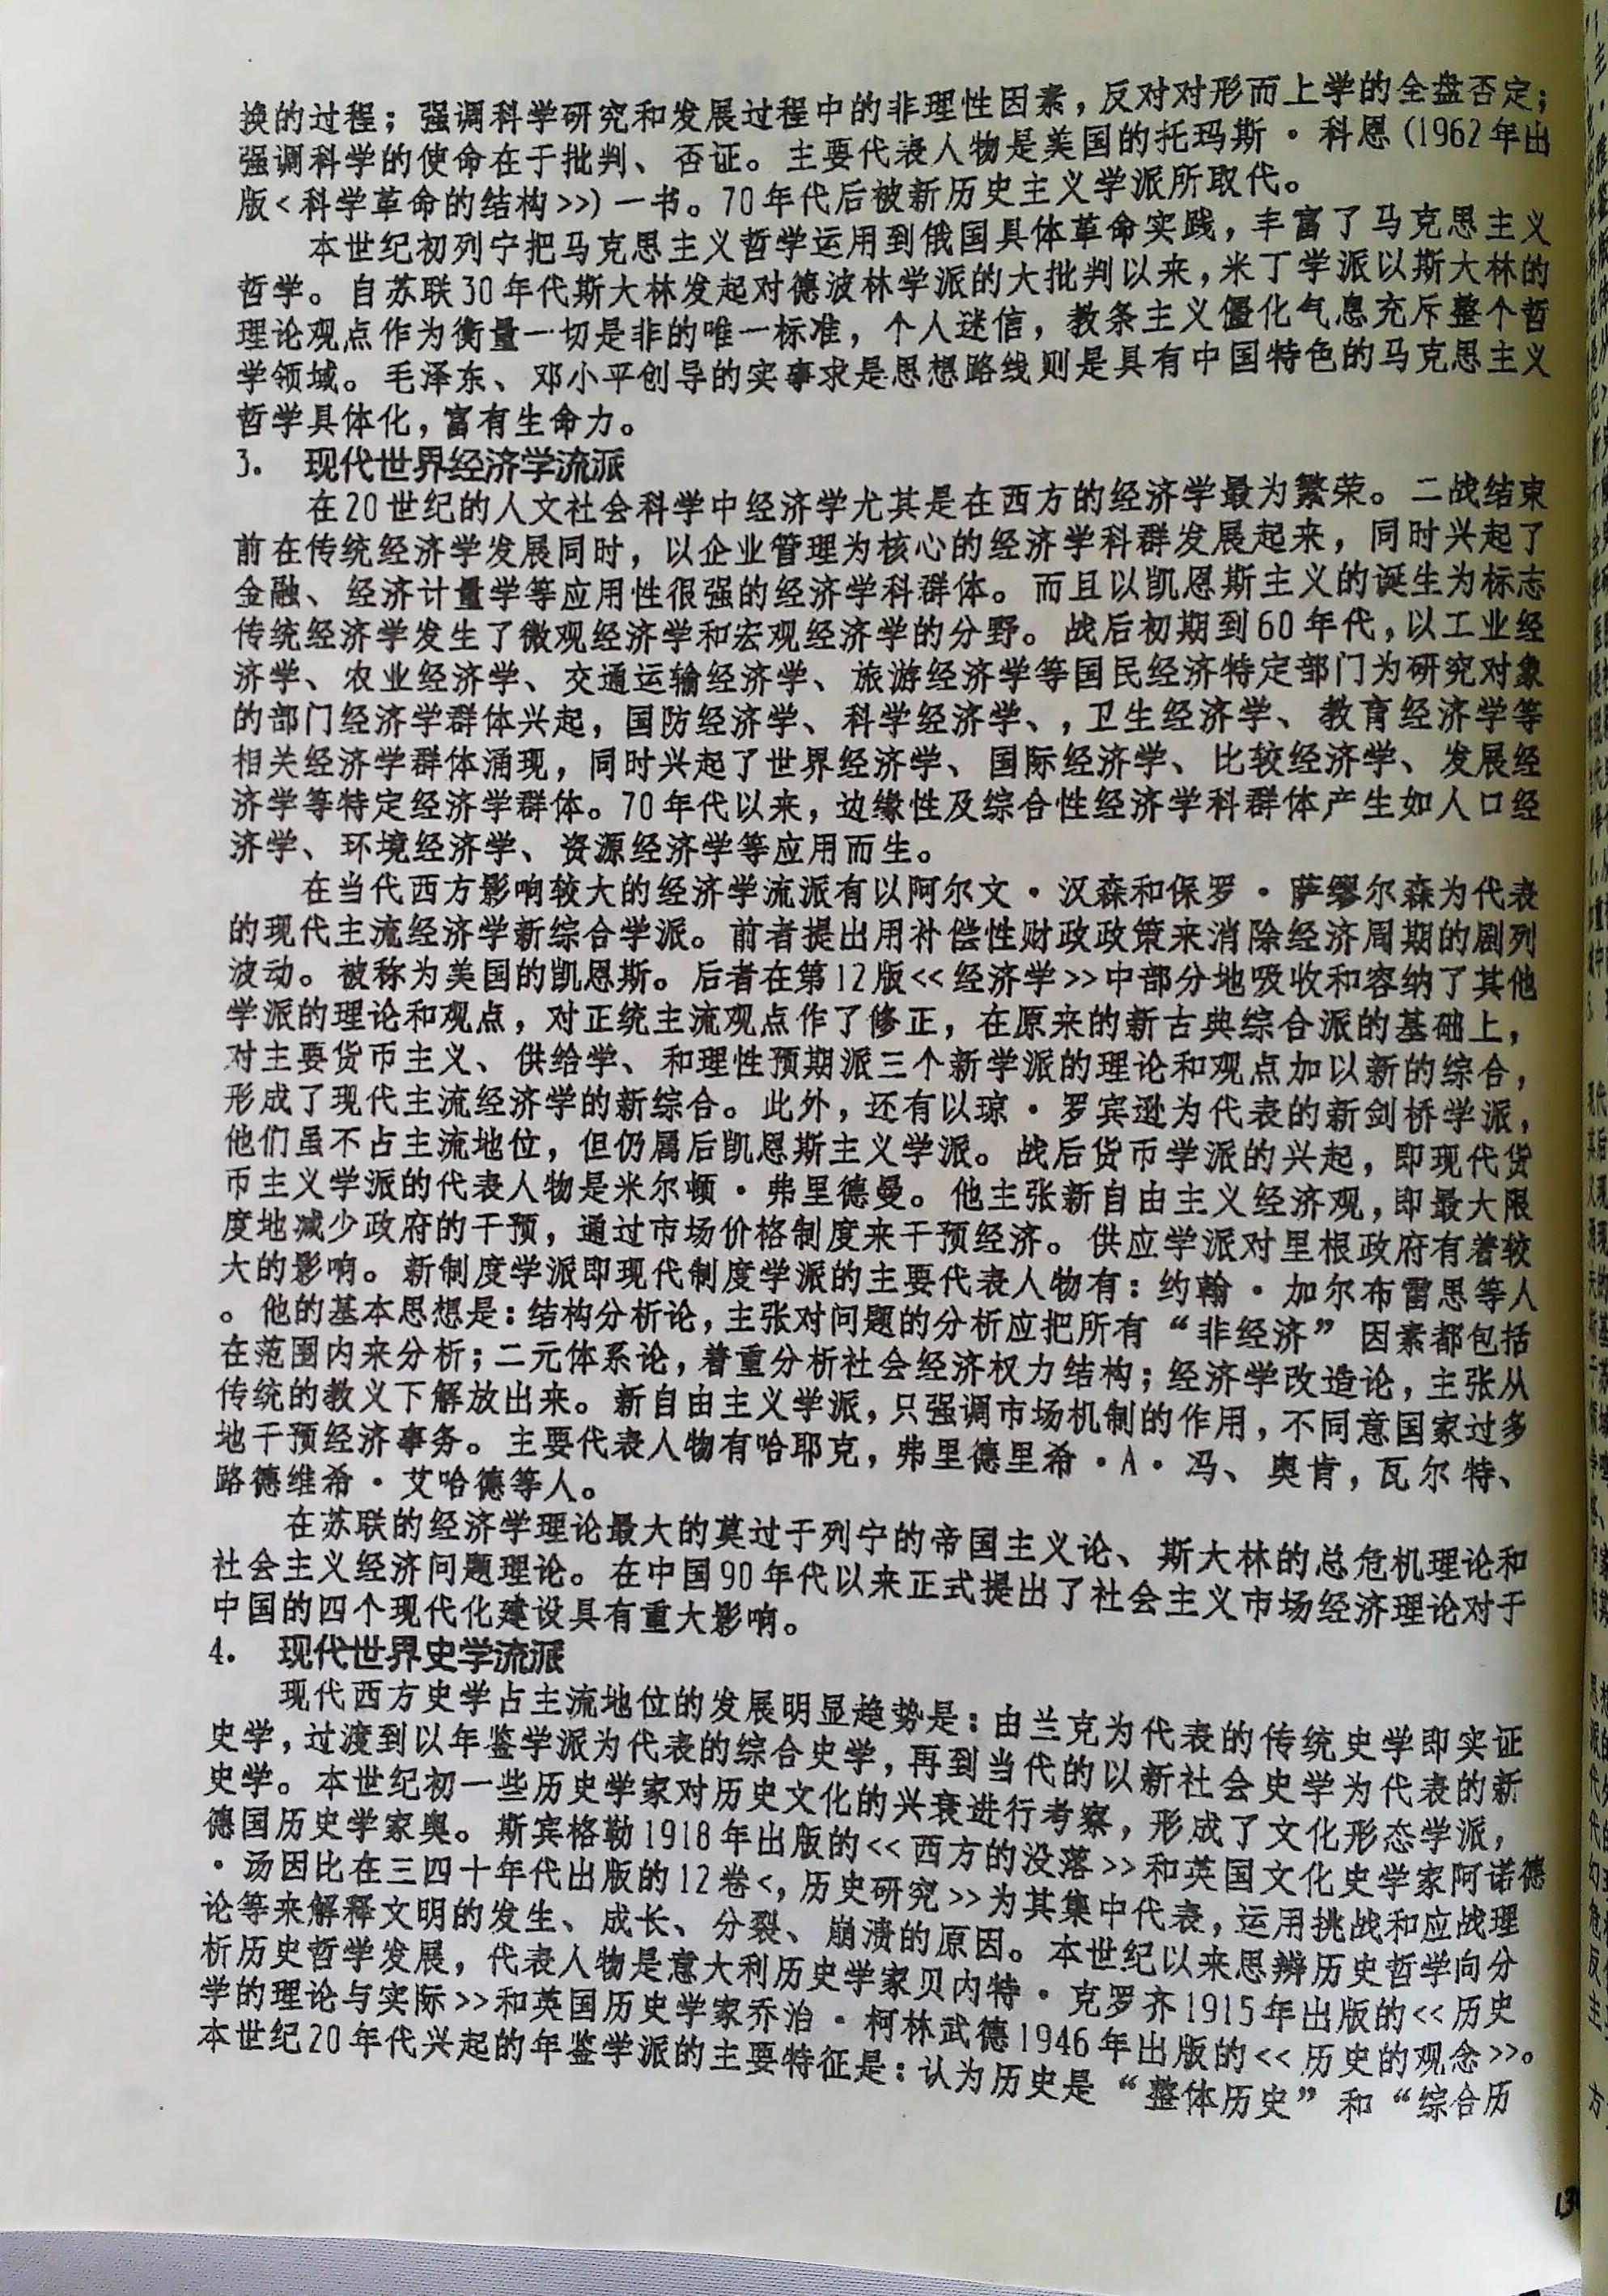 凤凰彩票网站 4